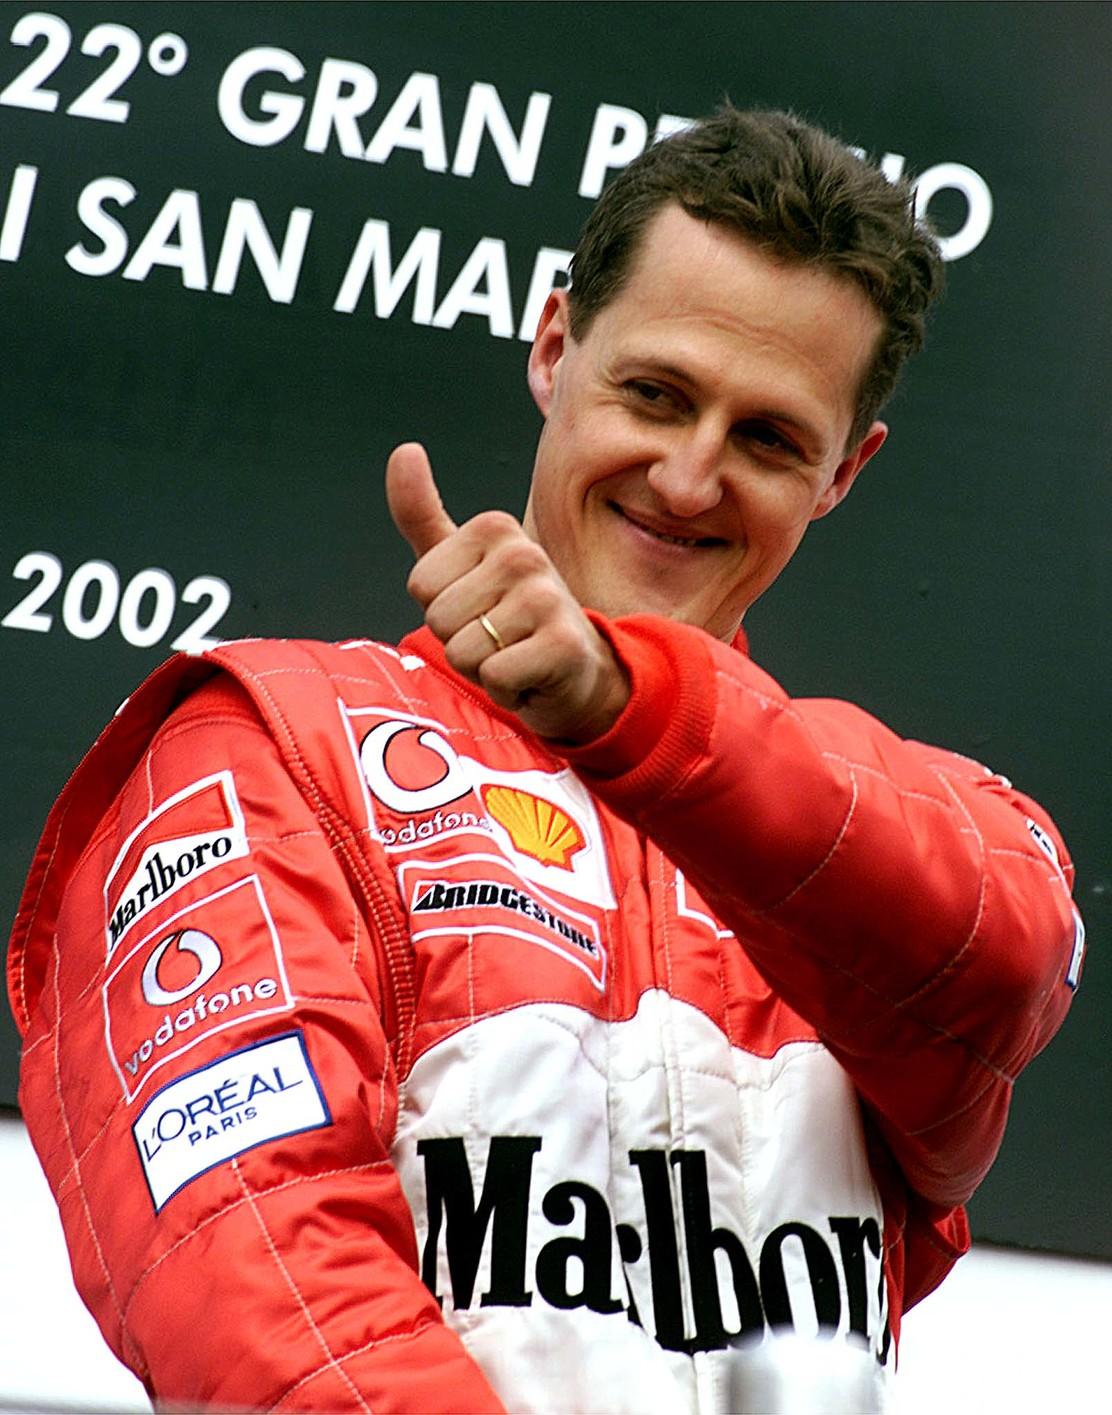 Michael Schumacher 2002-ben (Fotó: MTI/EPA)